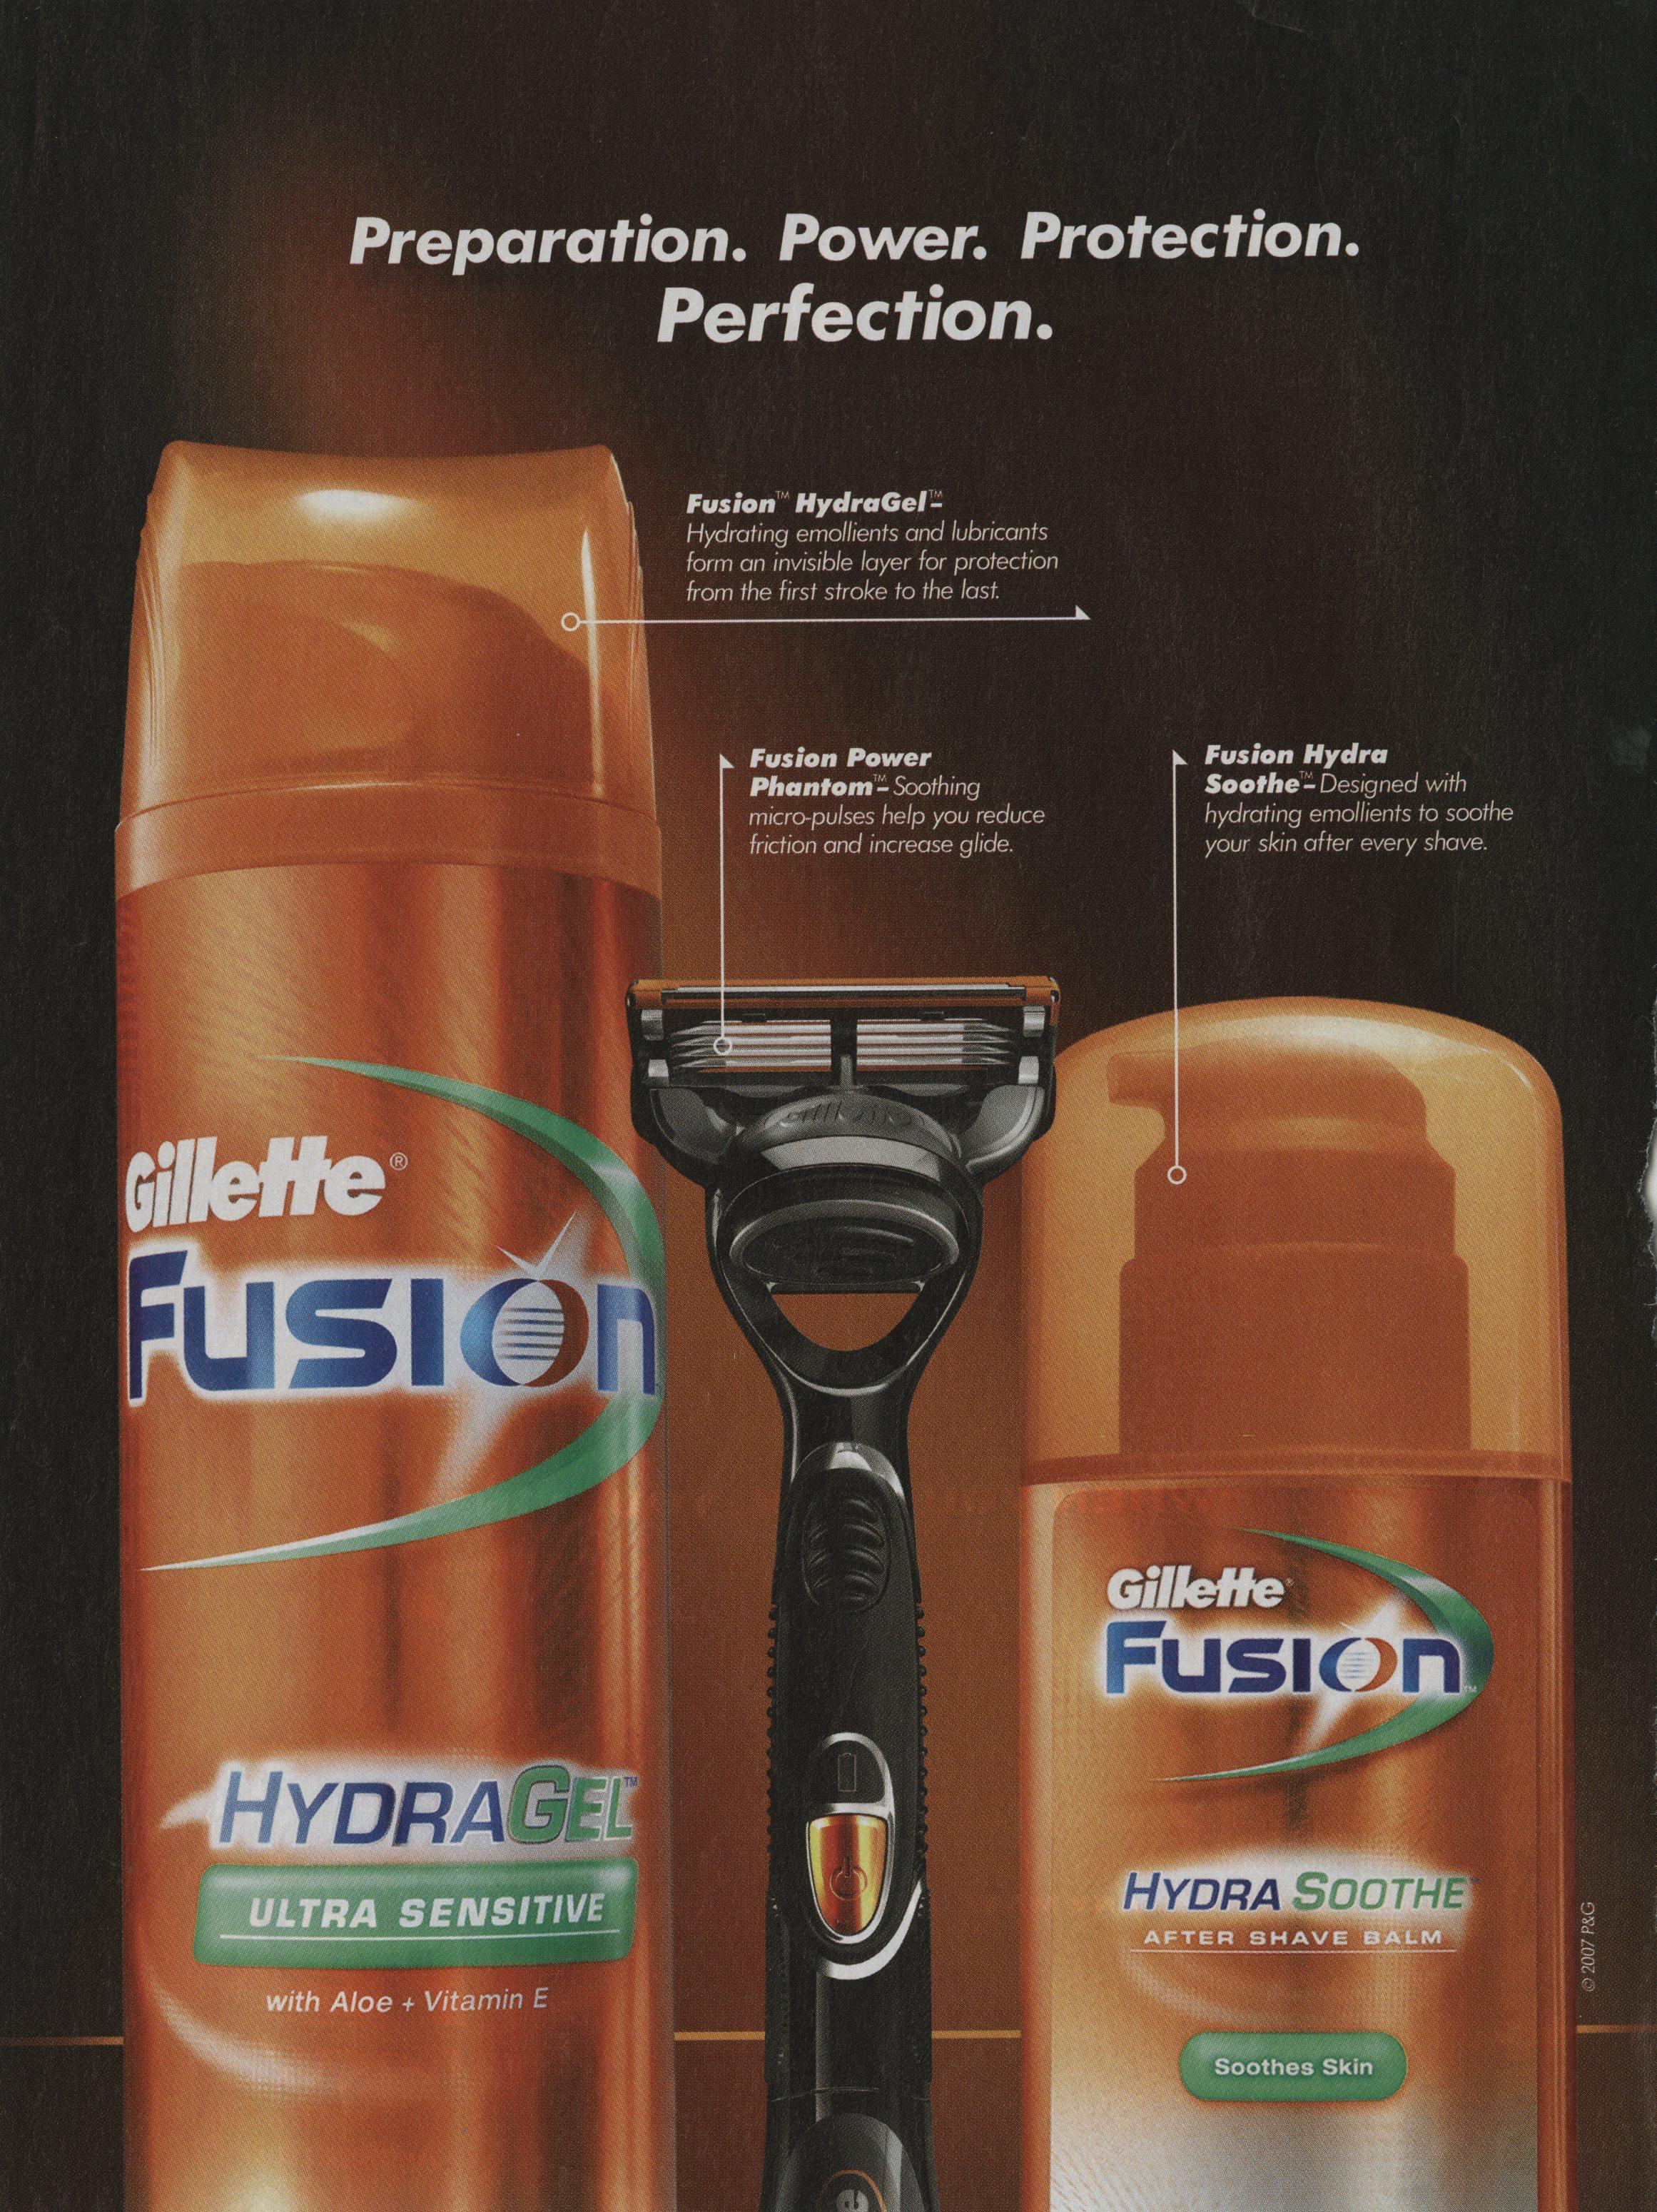 2007 Gillette Fusion print ad 300dpi723